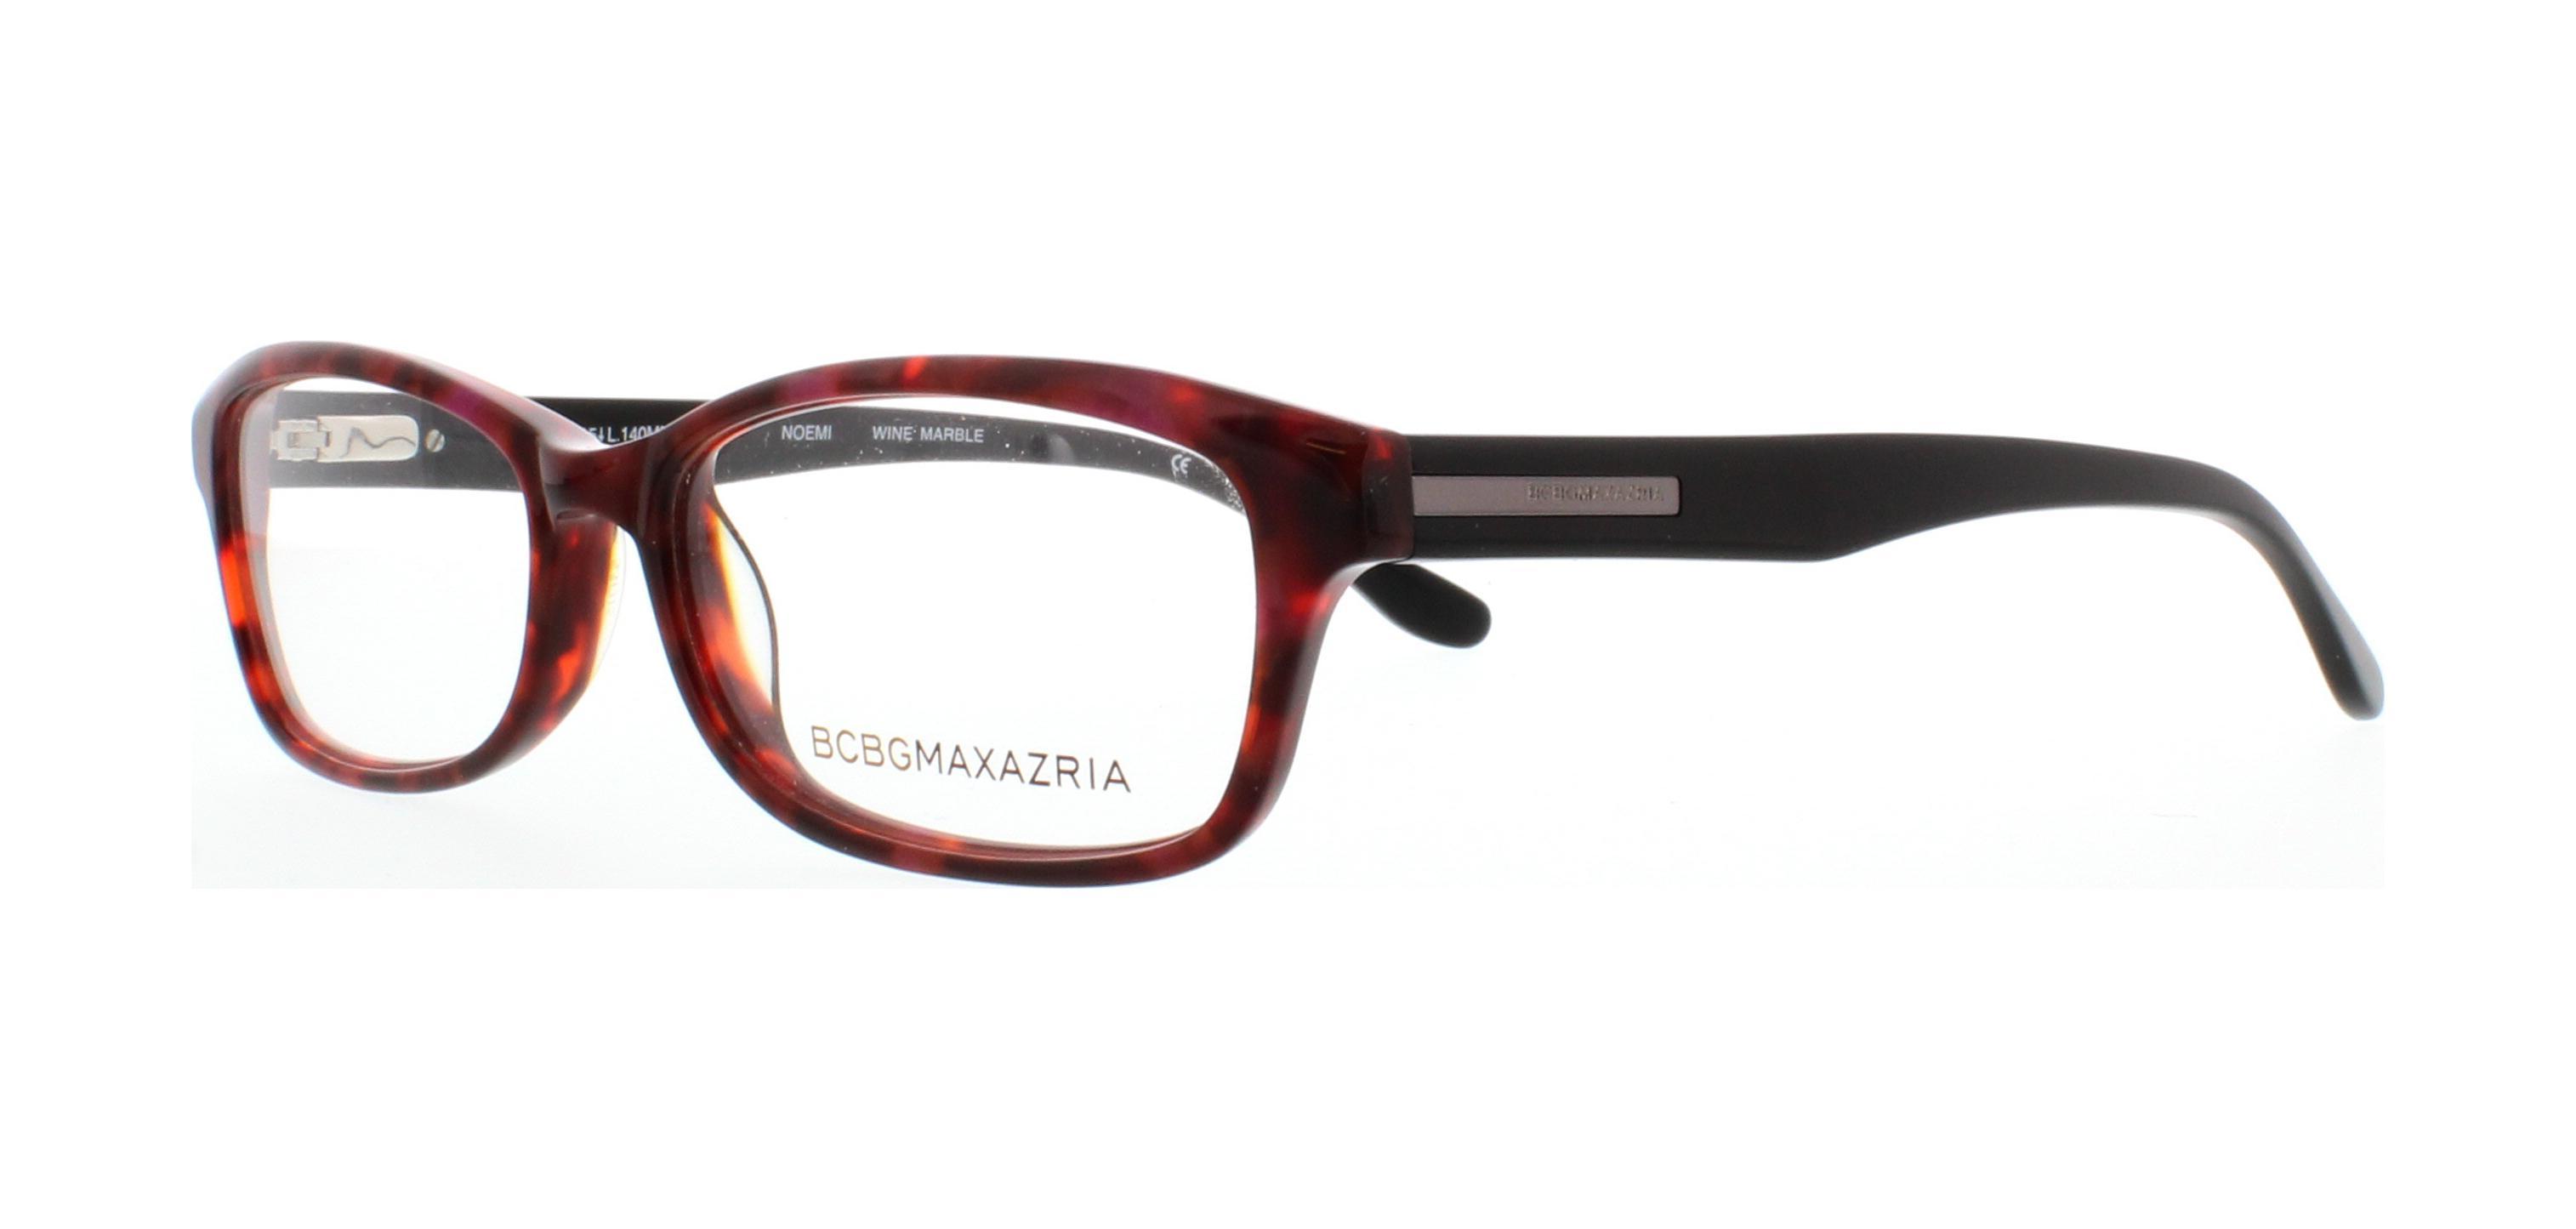 e6f6d507ea8 Eyeglasses